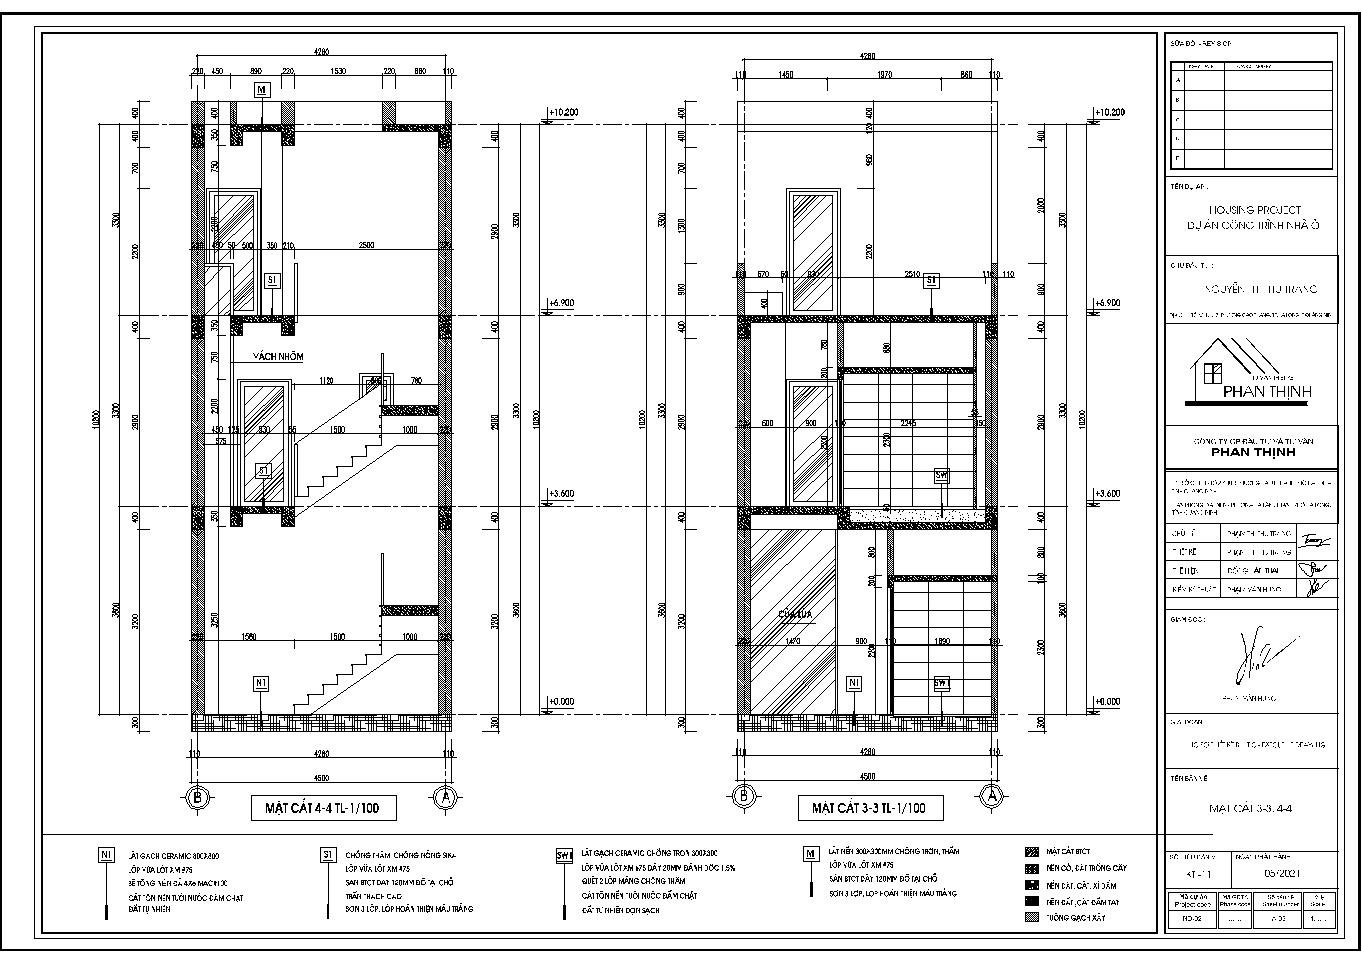 Hình ảnh mặt cắt 3 và 4 của ngôi nhà hiện đại này